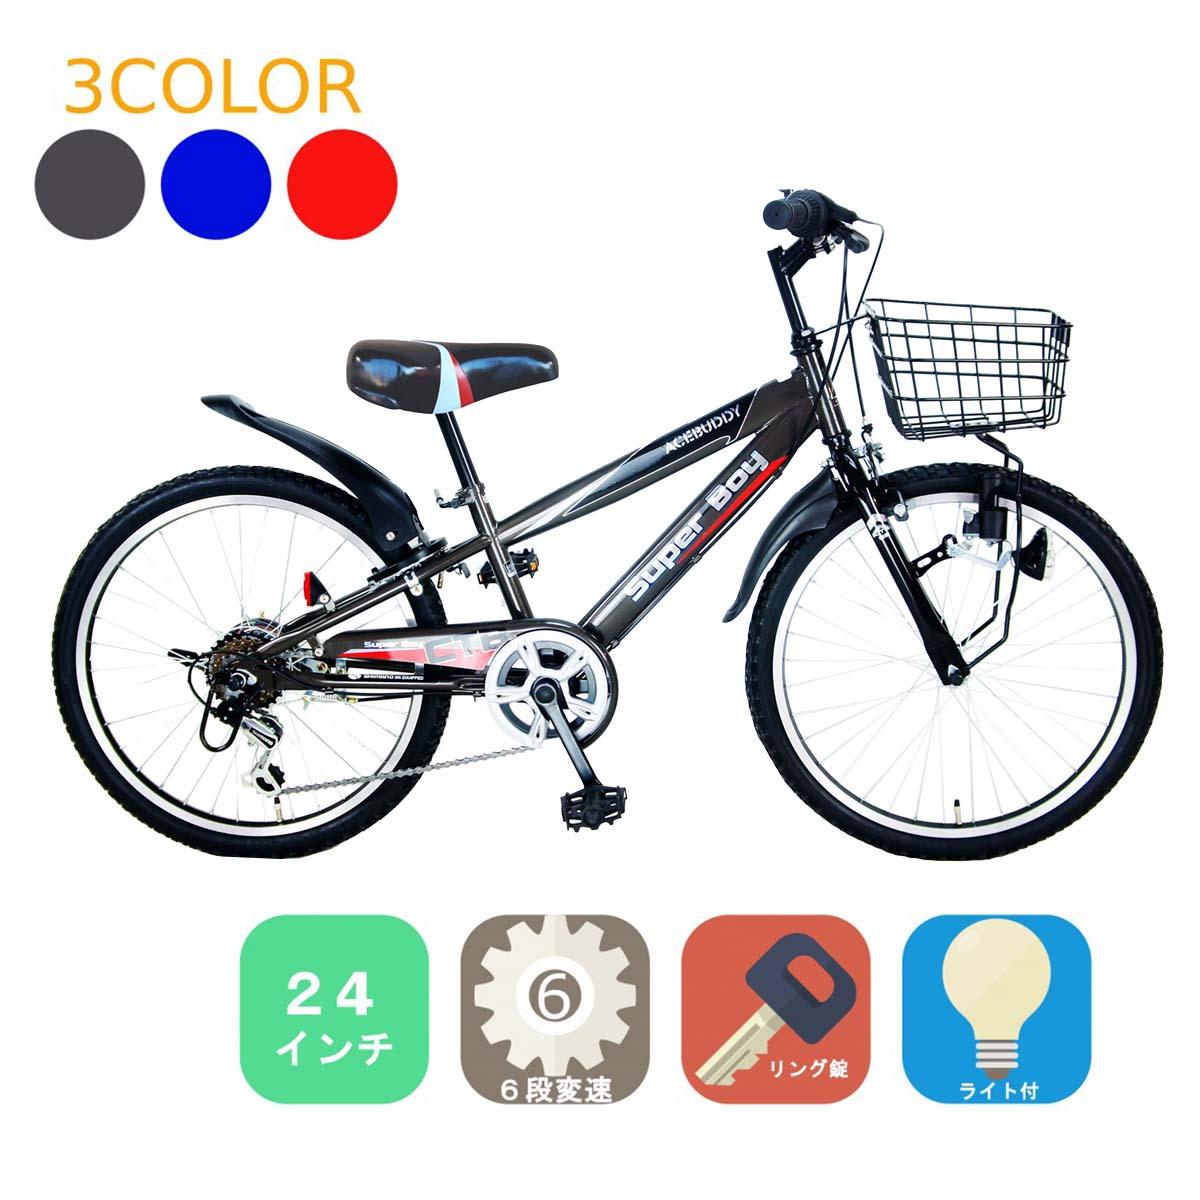 子ども用 自転車 6段変速機搭載 ブルー/レッド/グレー 自転車 アイトン ACE BUDDY CTB246